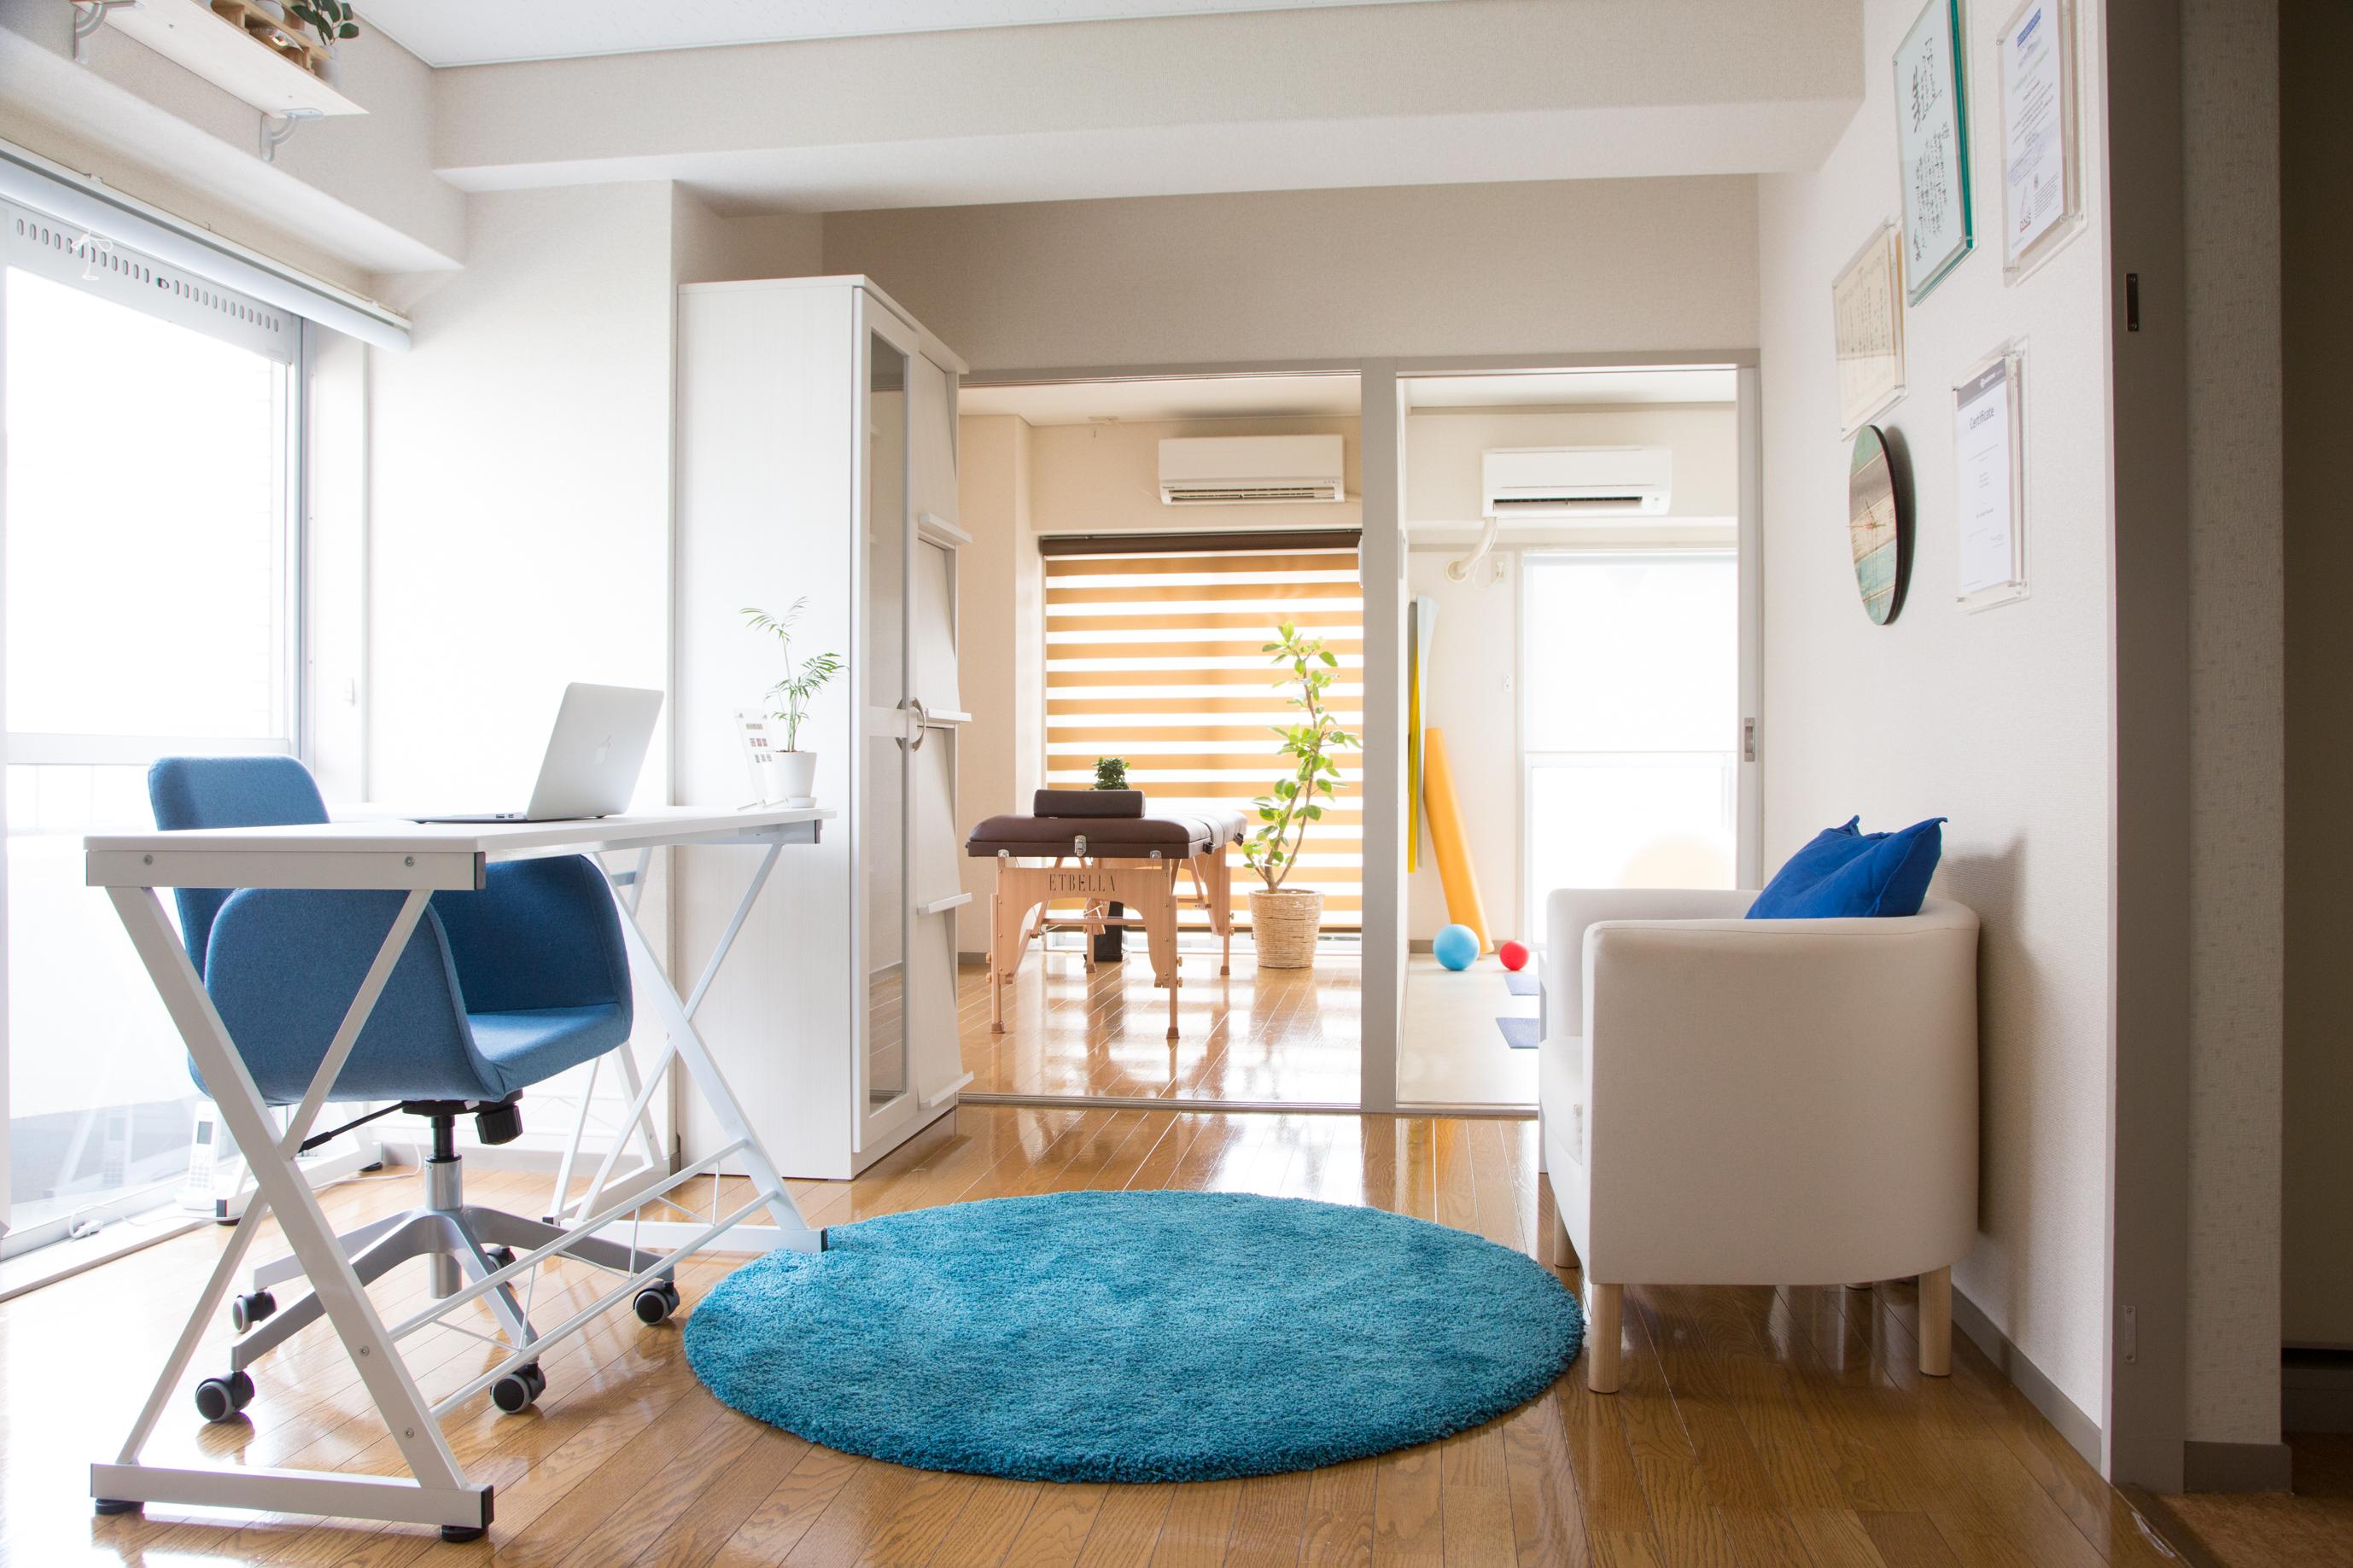 Tono's Room サロンルームの室内の写真